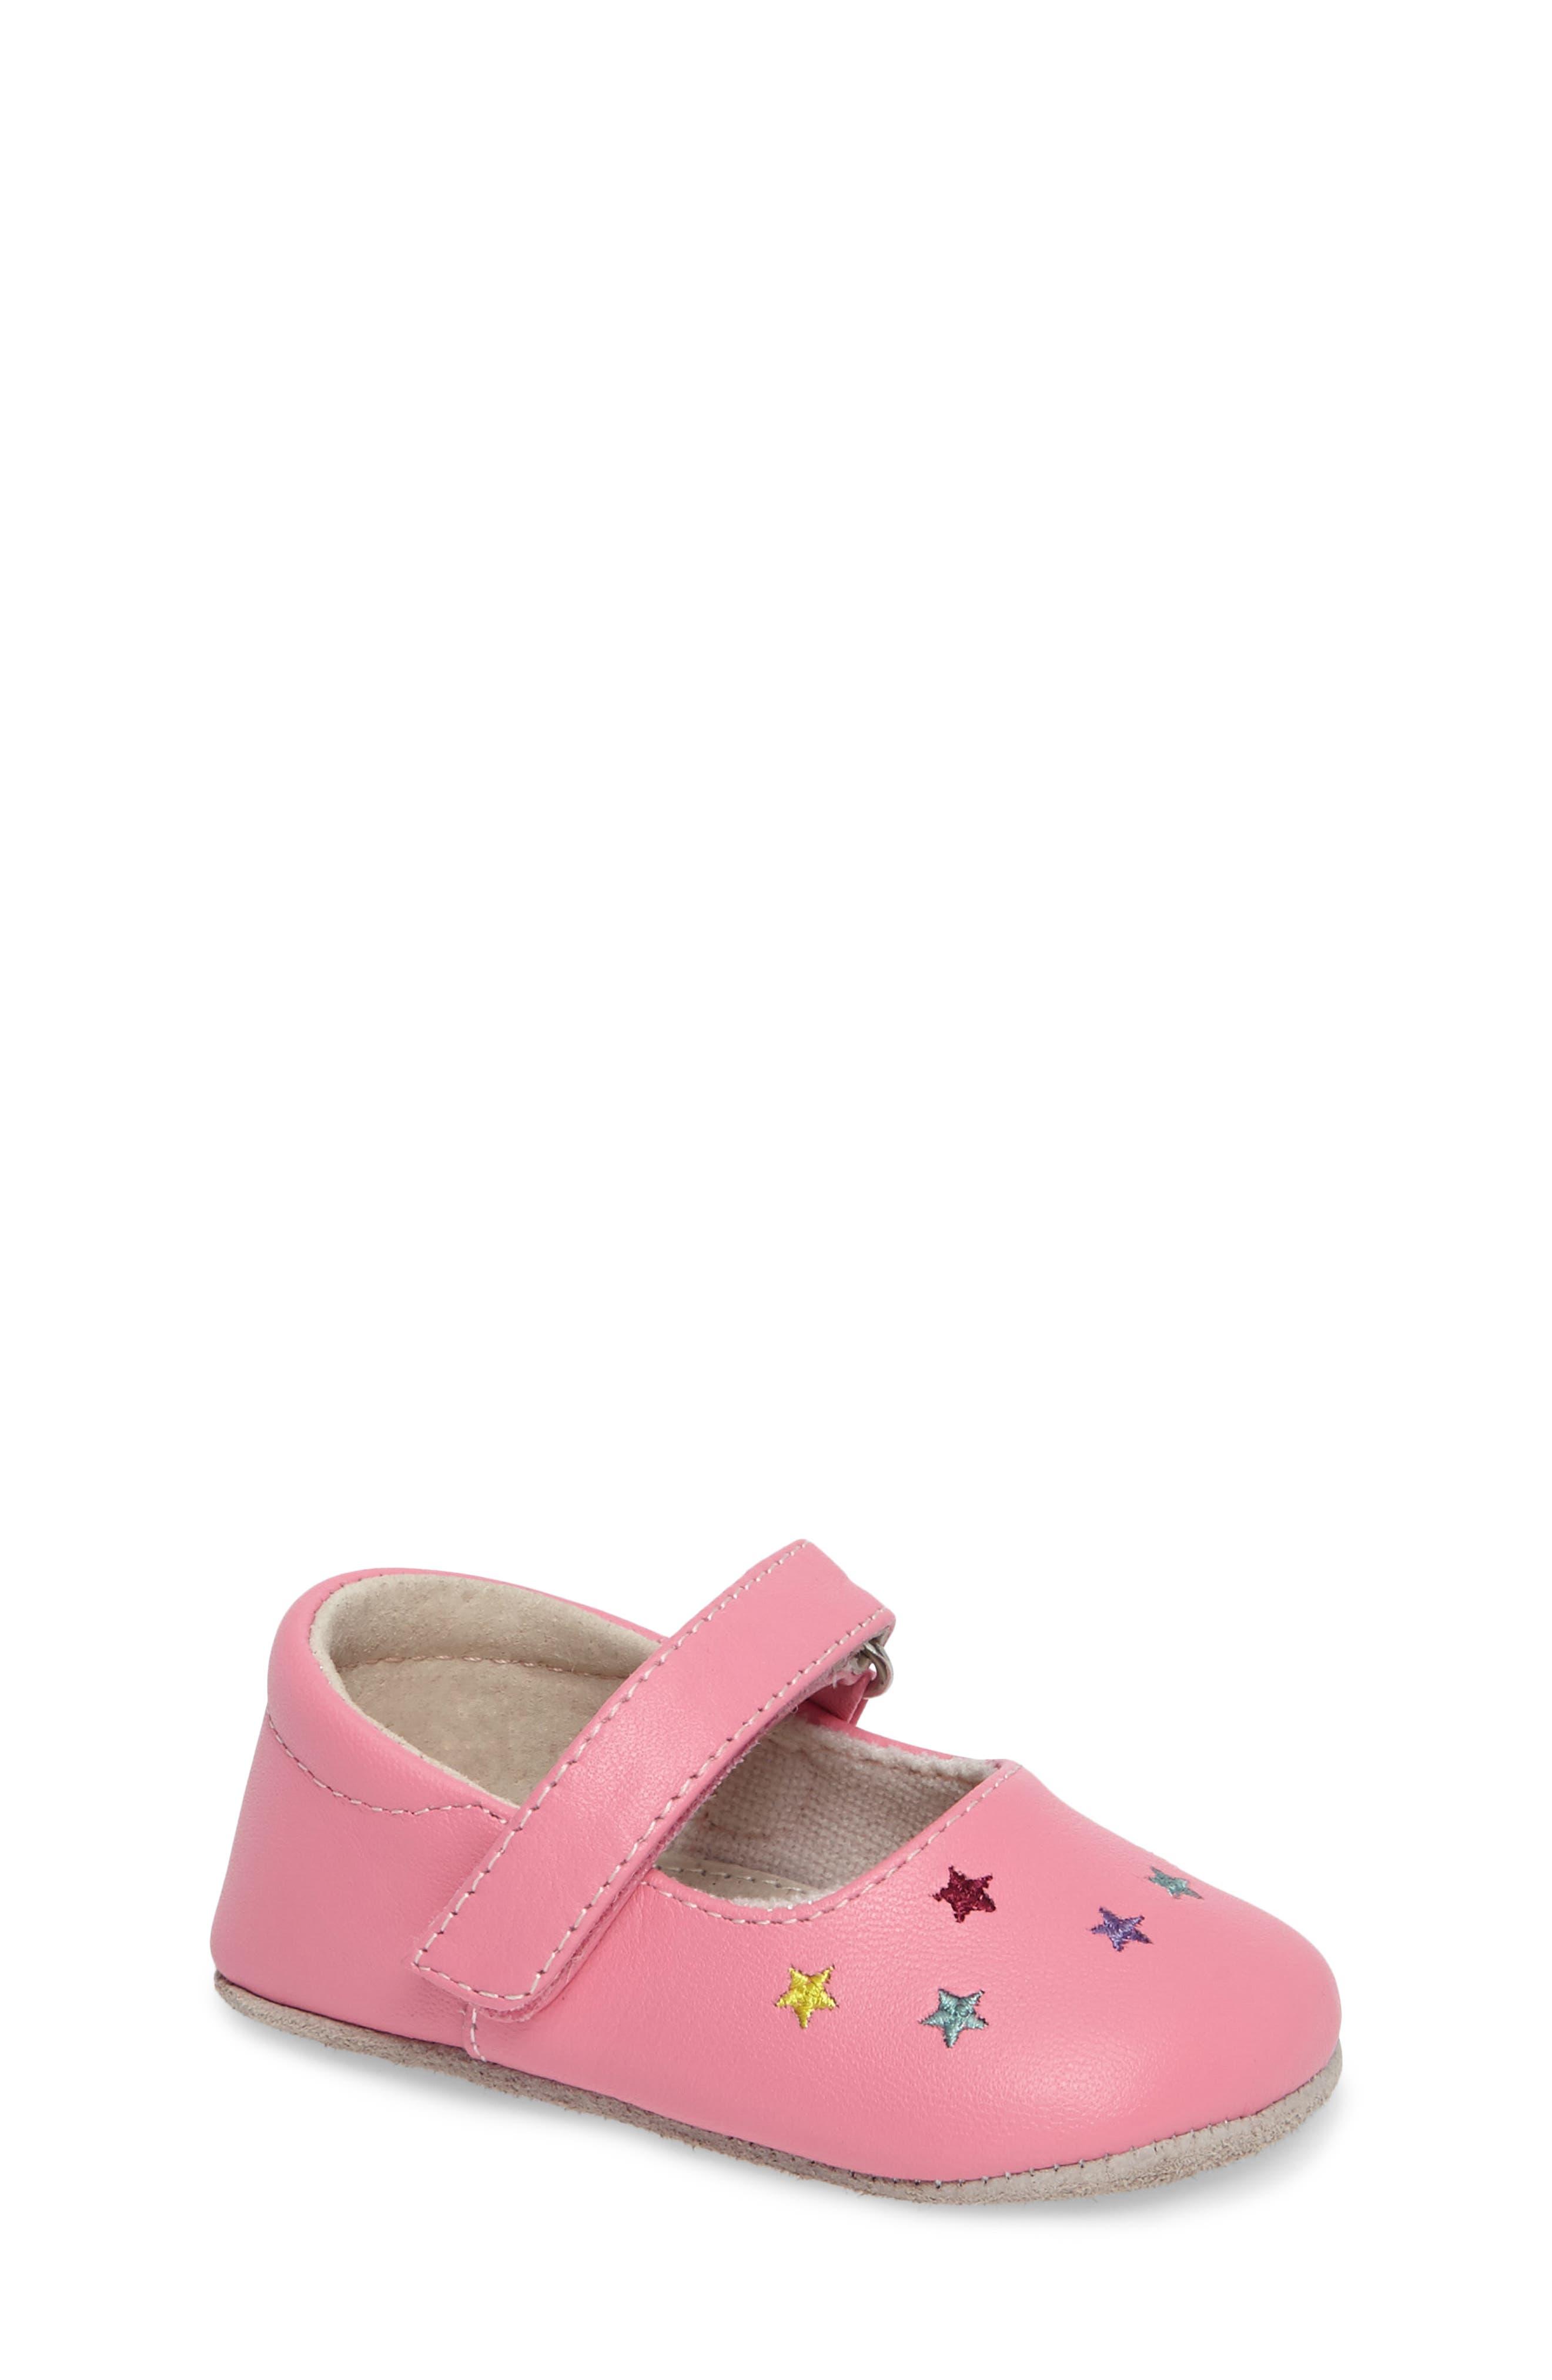 See Kai Run Harriet Mary Jane Crib Shoe (Baby)